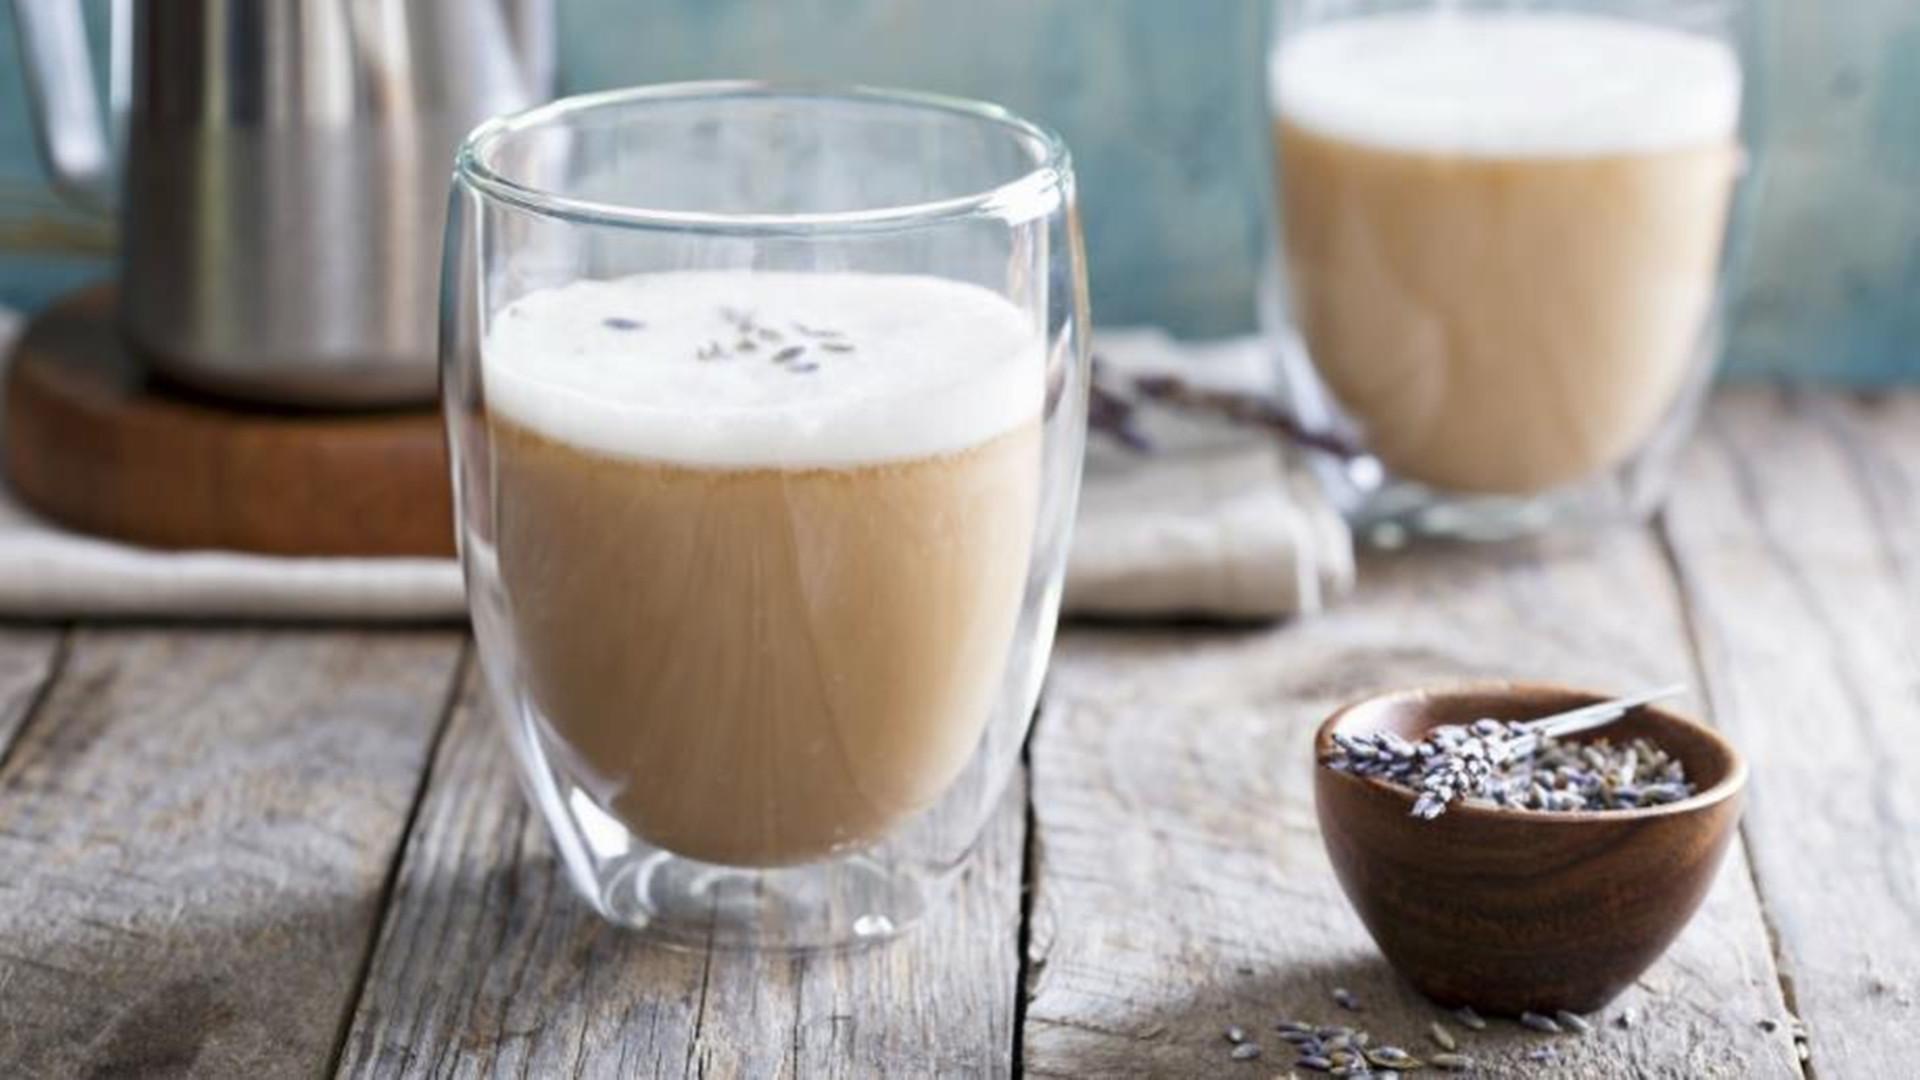 珍珠奶茶好喝,可是珍珠是咋做的呢?说出来你可能都不敢相信